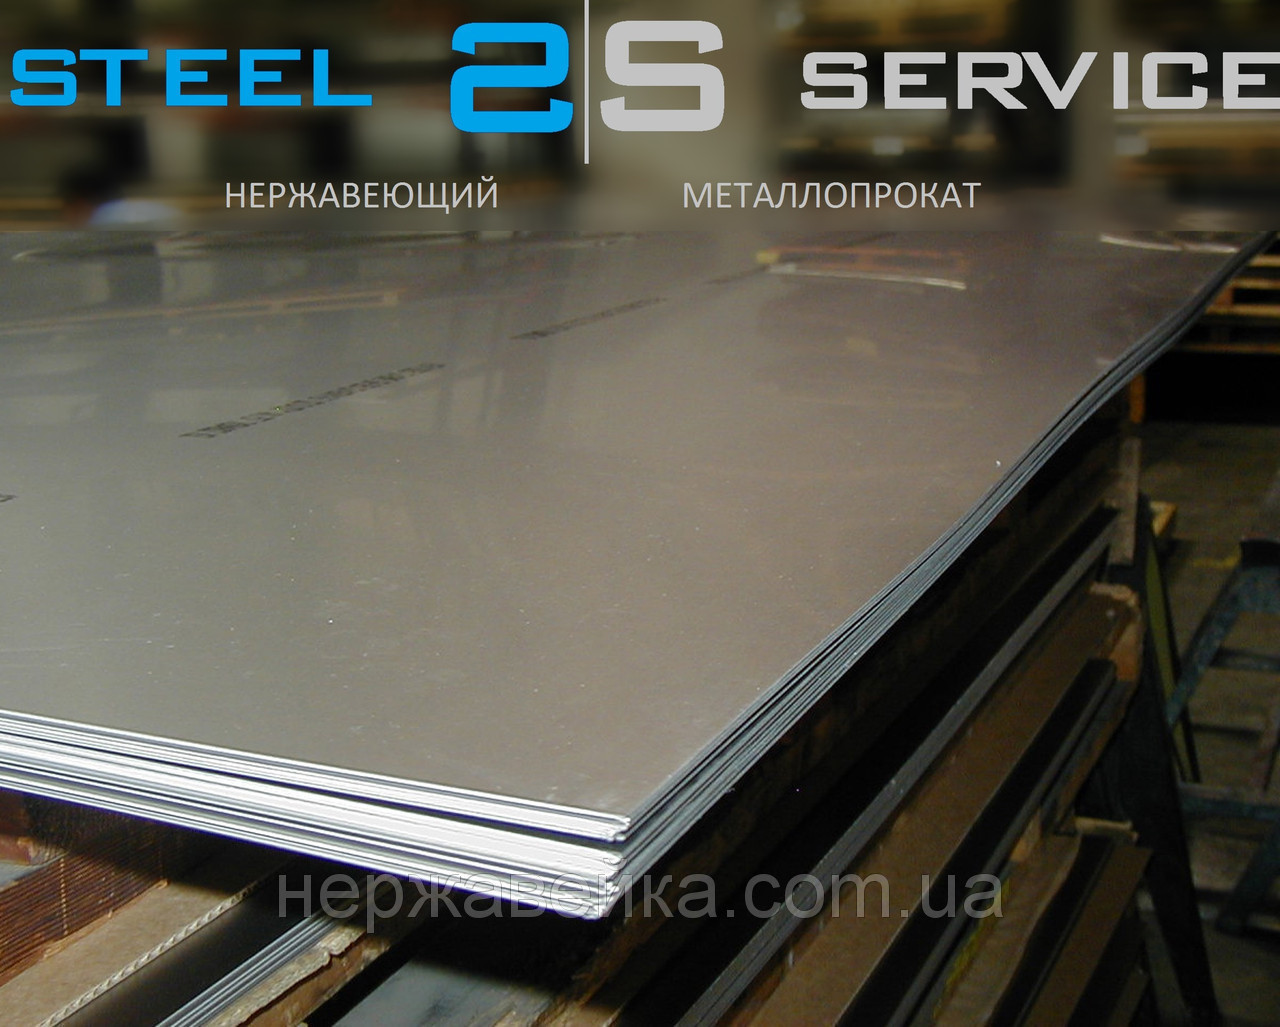 Нержавеющий лист 14х1000х2000мм  AISI 316Ti(10Х17Н13М2Т) F1 - горячекатанный,  кислотостойкий